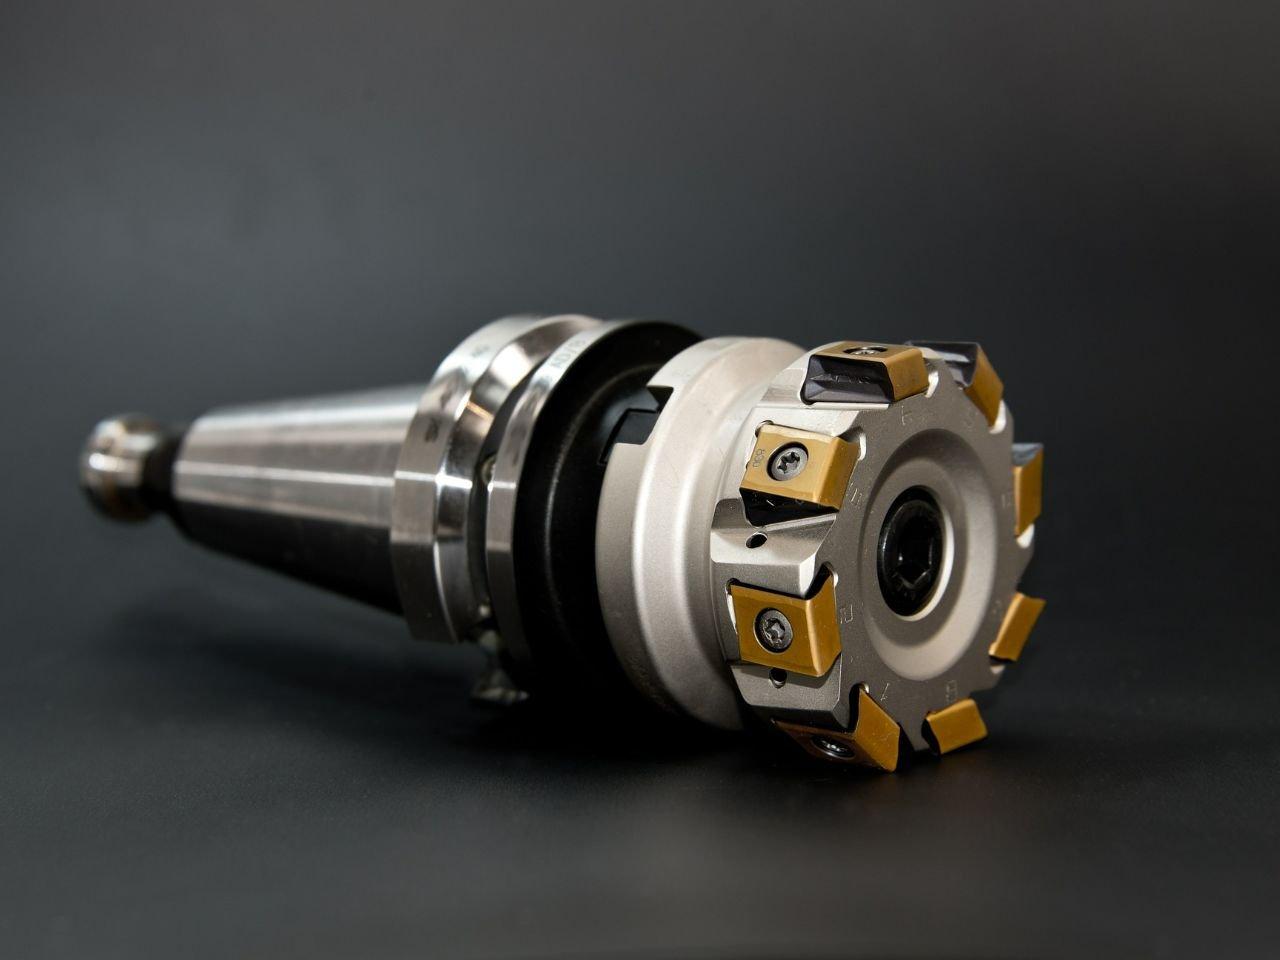 drill-444510-1920